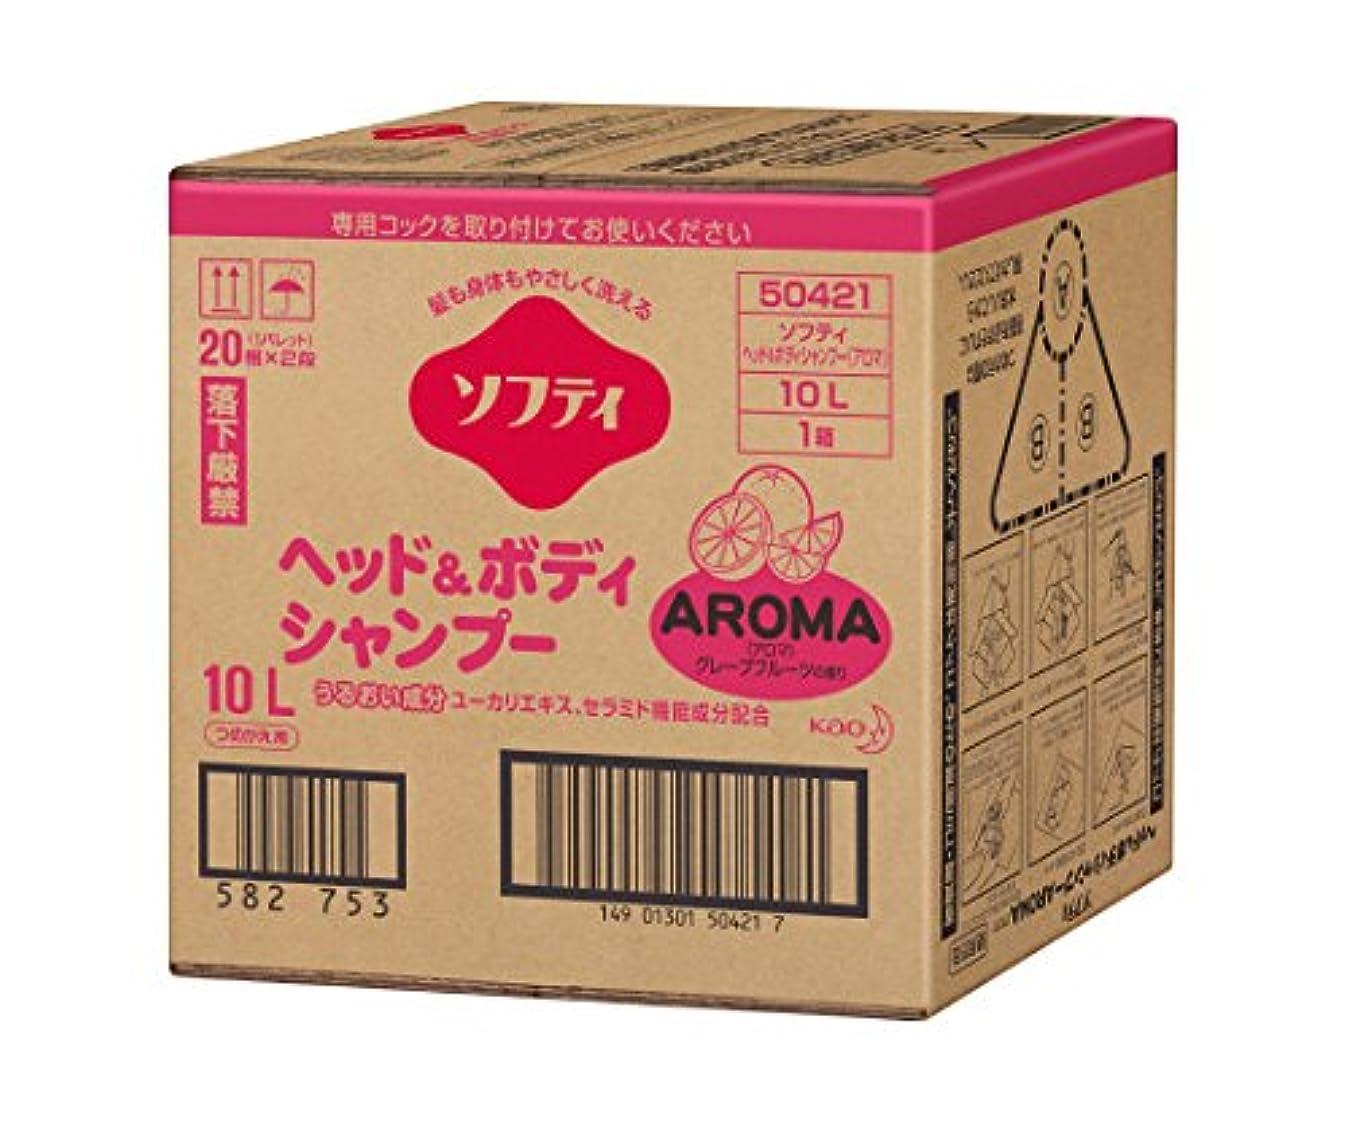 個人極めてトースト花王61-8510-01ソフティヘッド&ボディシャンプーAROMA(アロマ)10Lバッグインボックスタイプ介護用